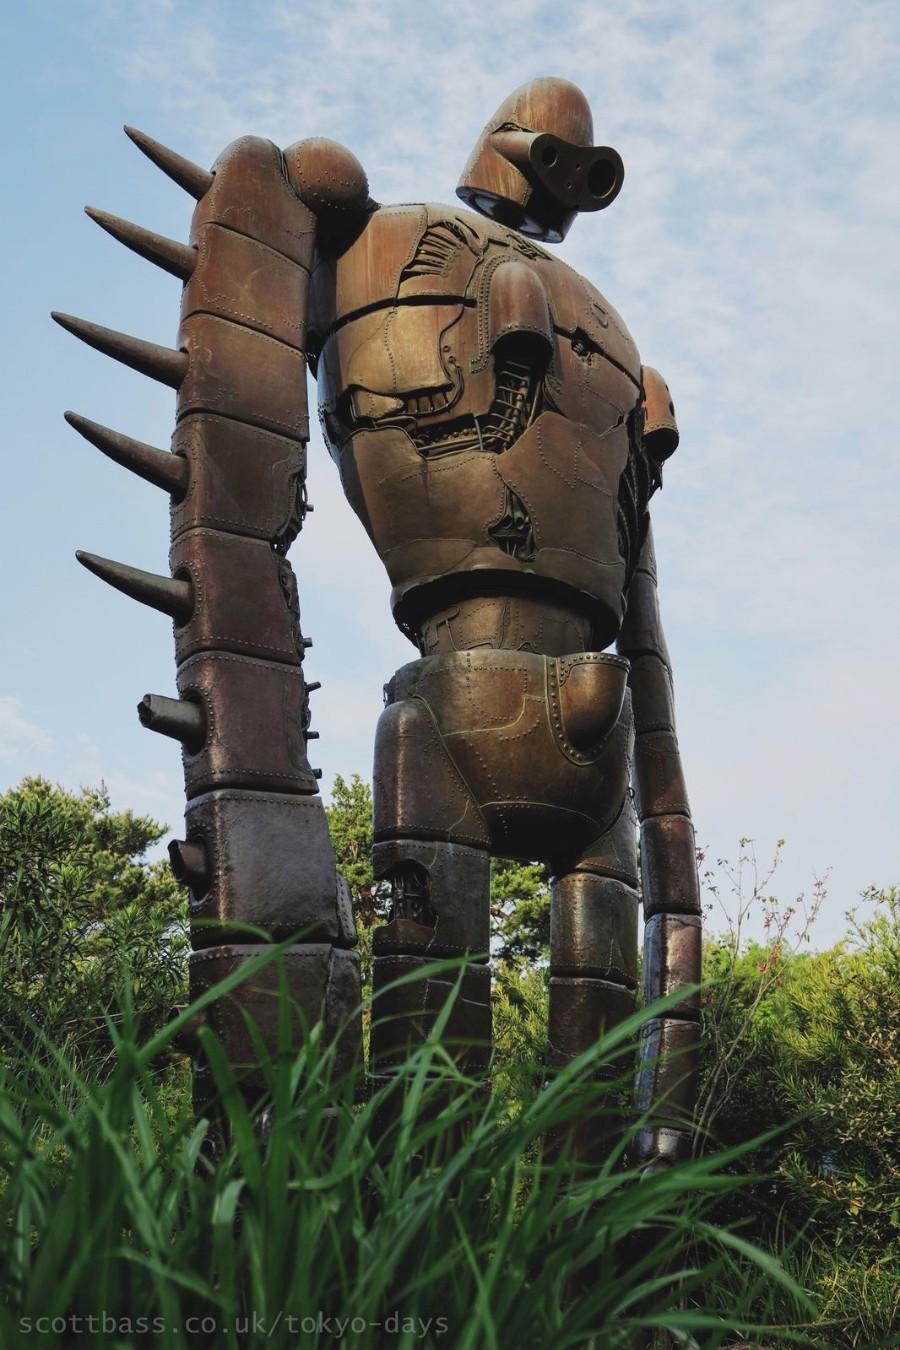 Железный гигант